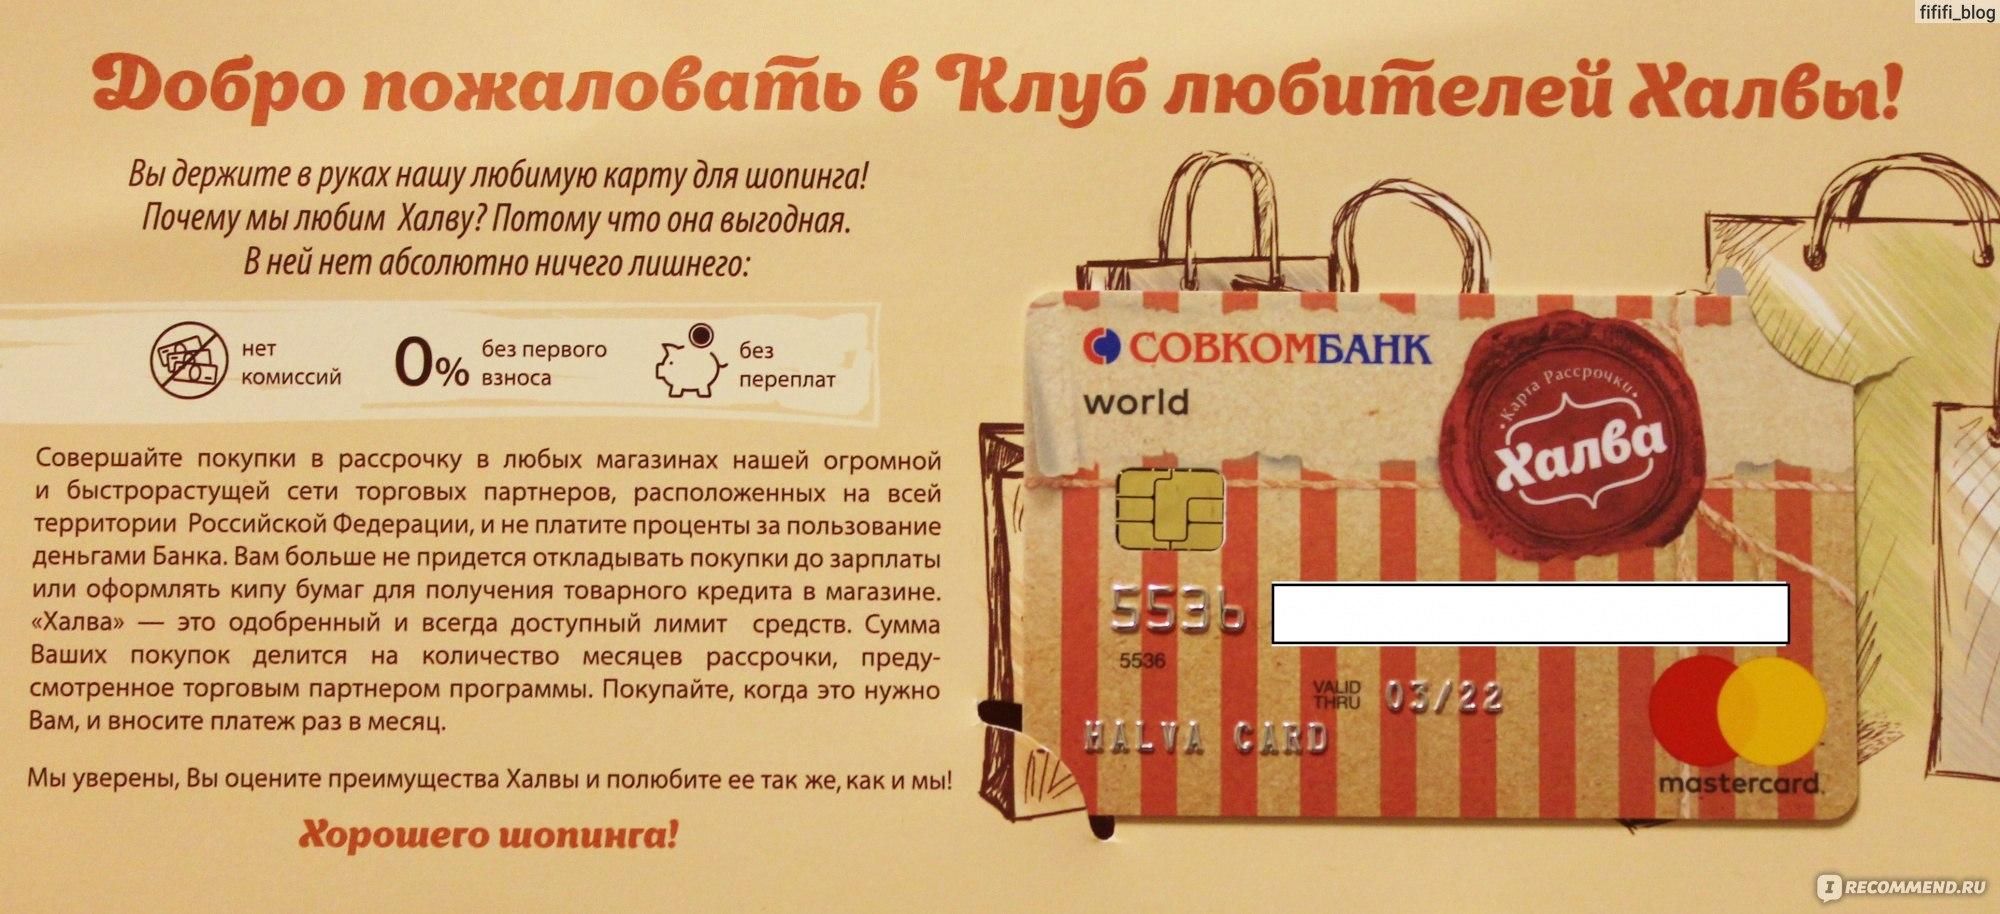 московский кредитный банк красногорск часы работы